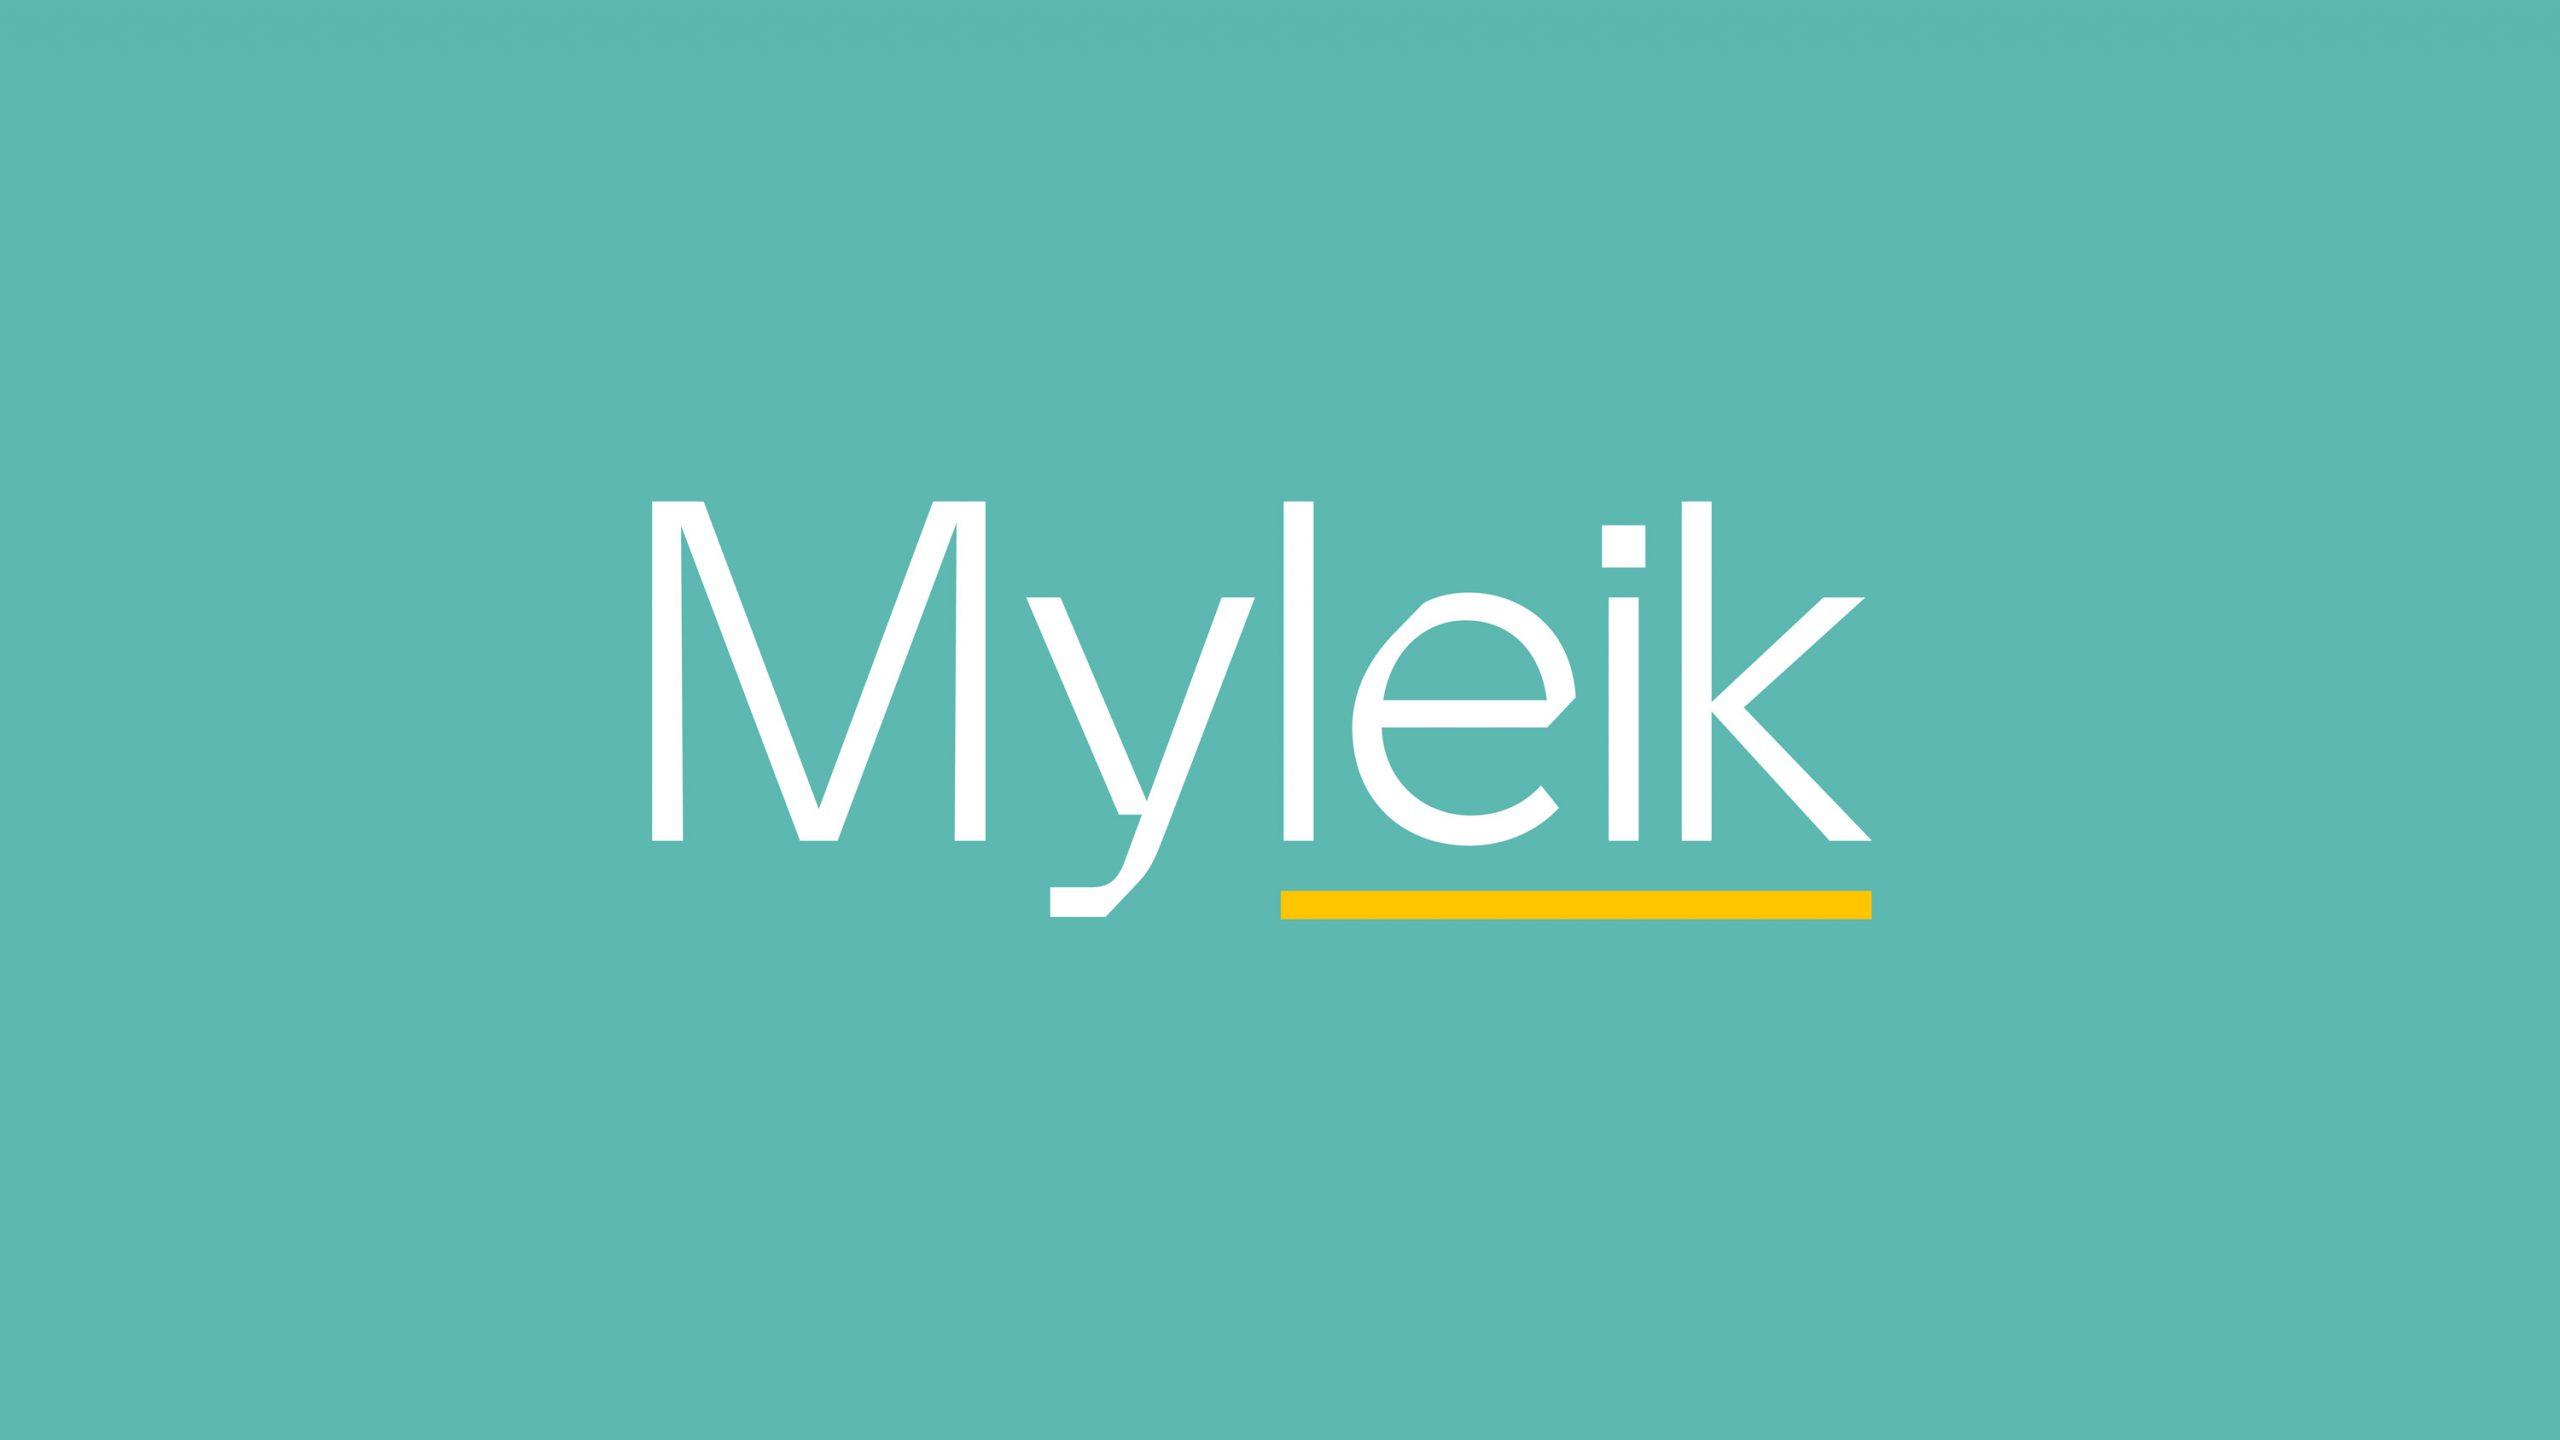 studio_anthony_smyrski_myleik_teele_identity_design_new_11